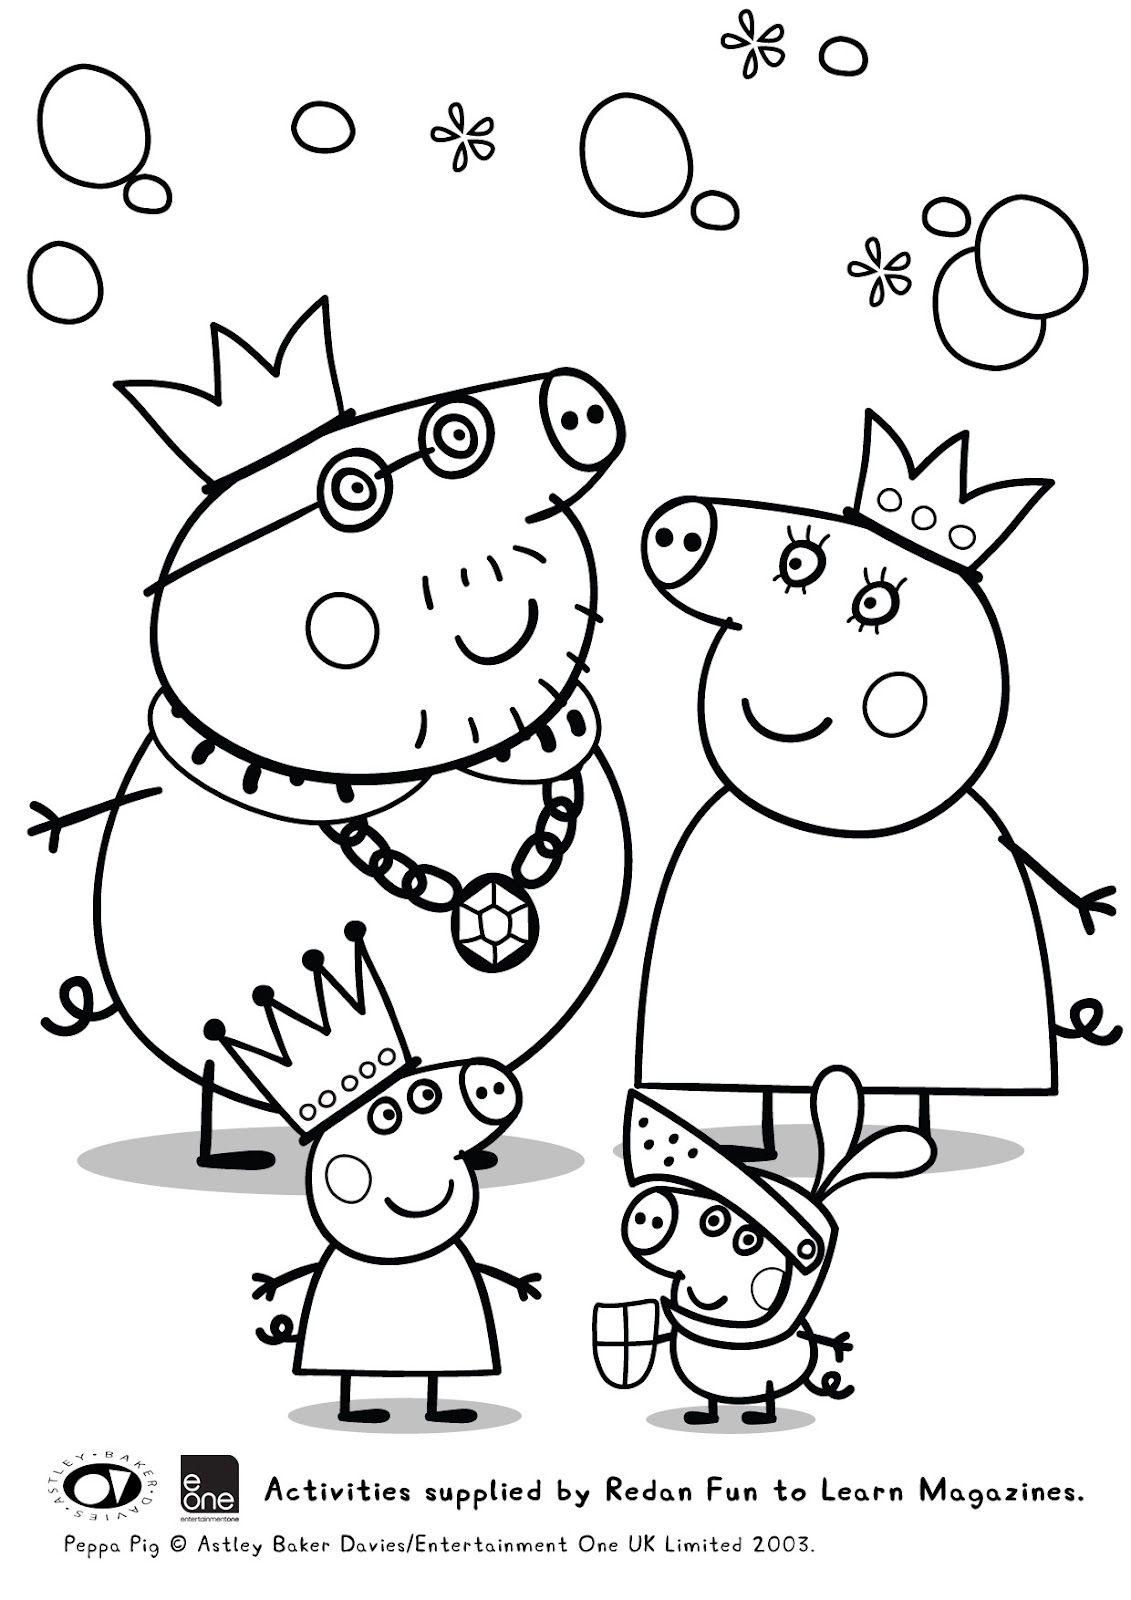 Guarda tutti i disegni da colorare di peppa pig www for Maschere di peppa pig da colorare